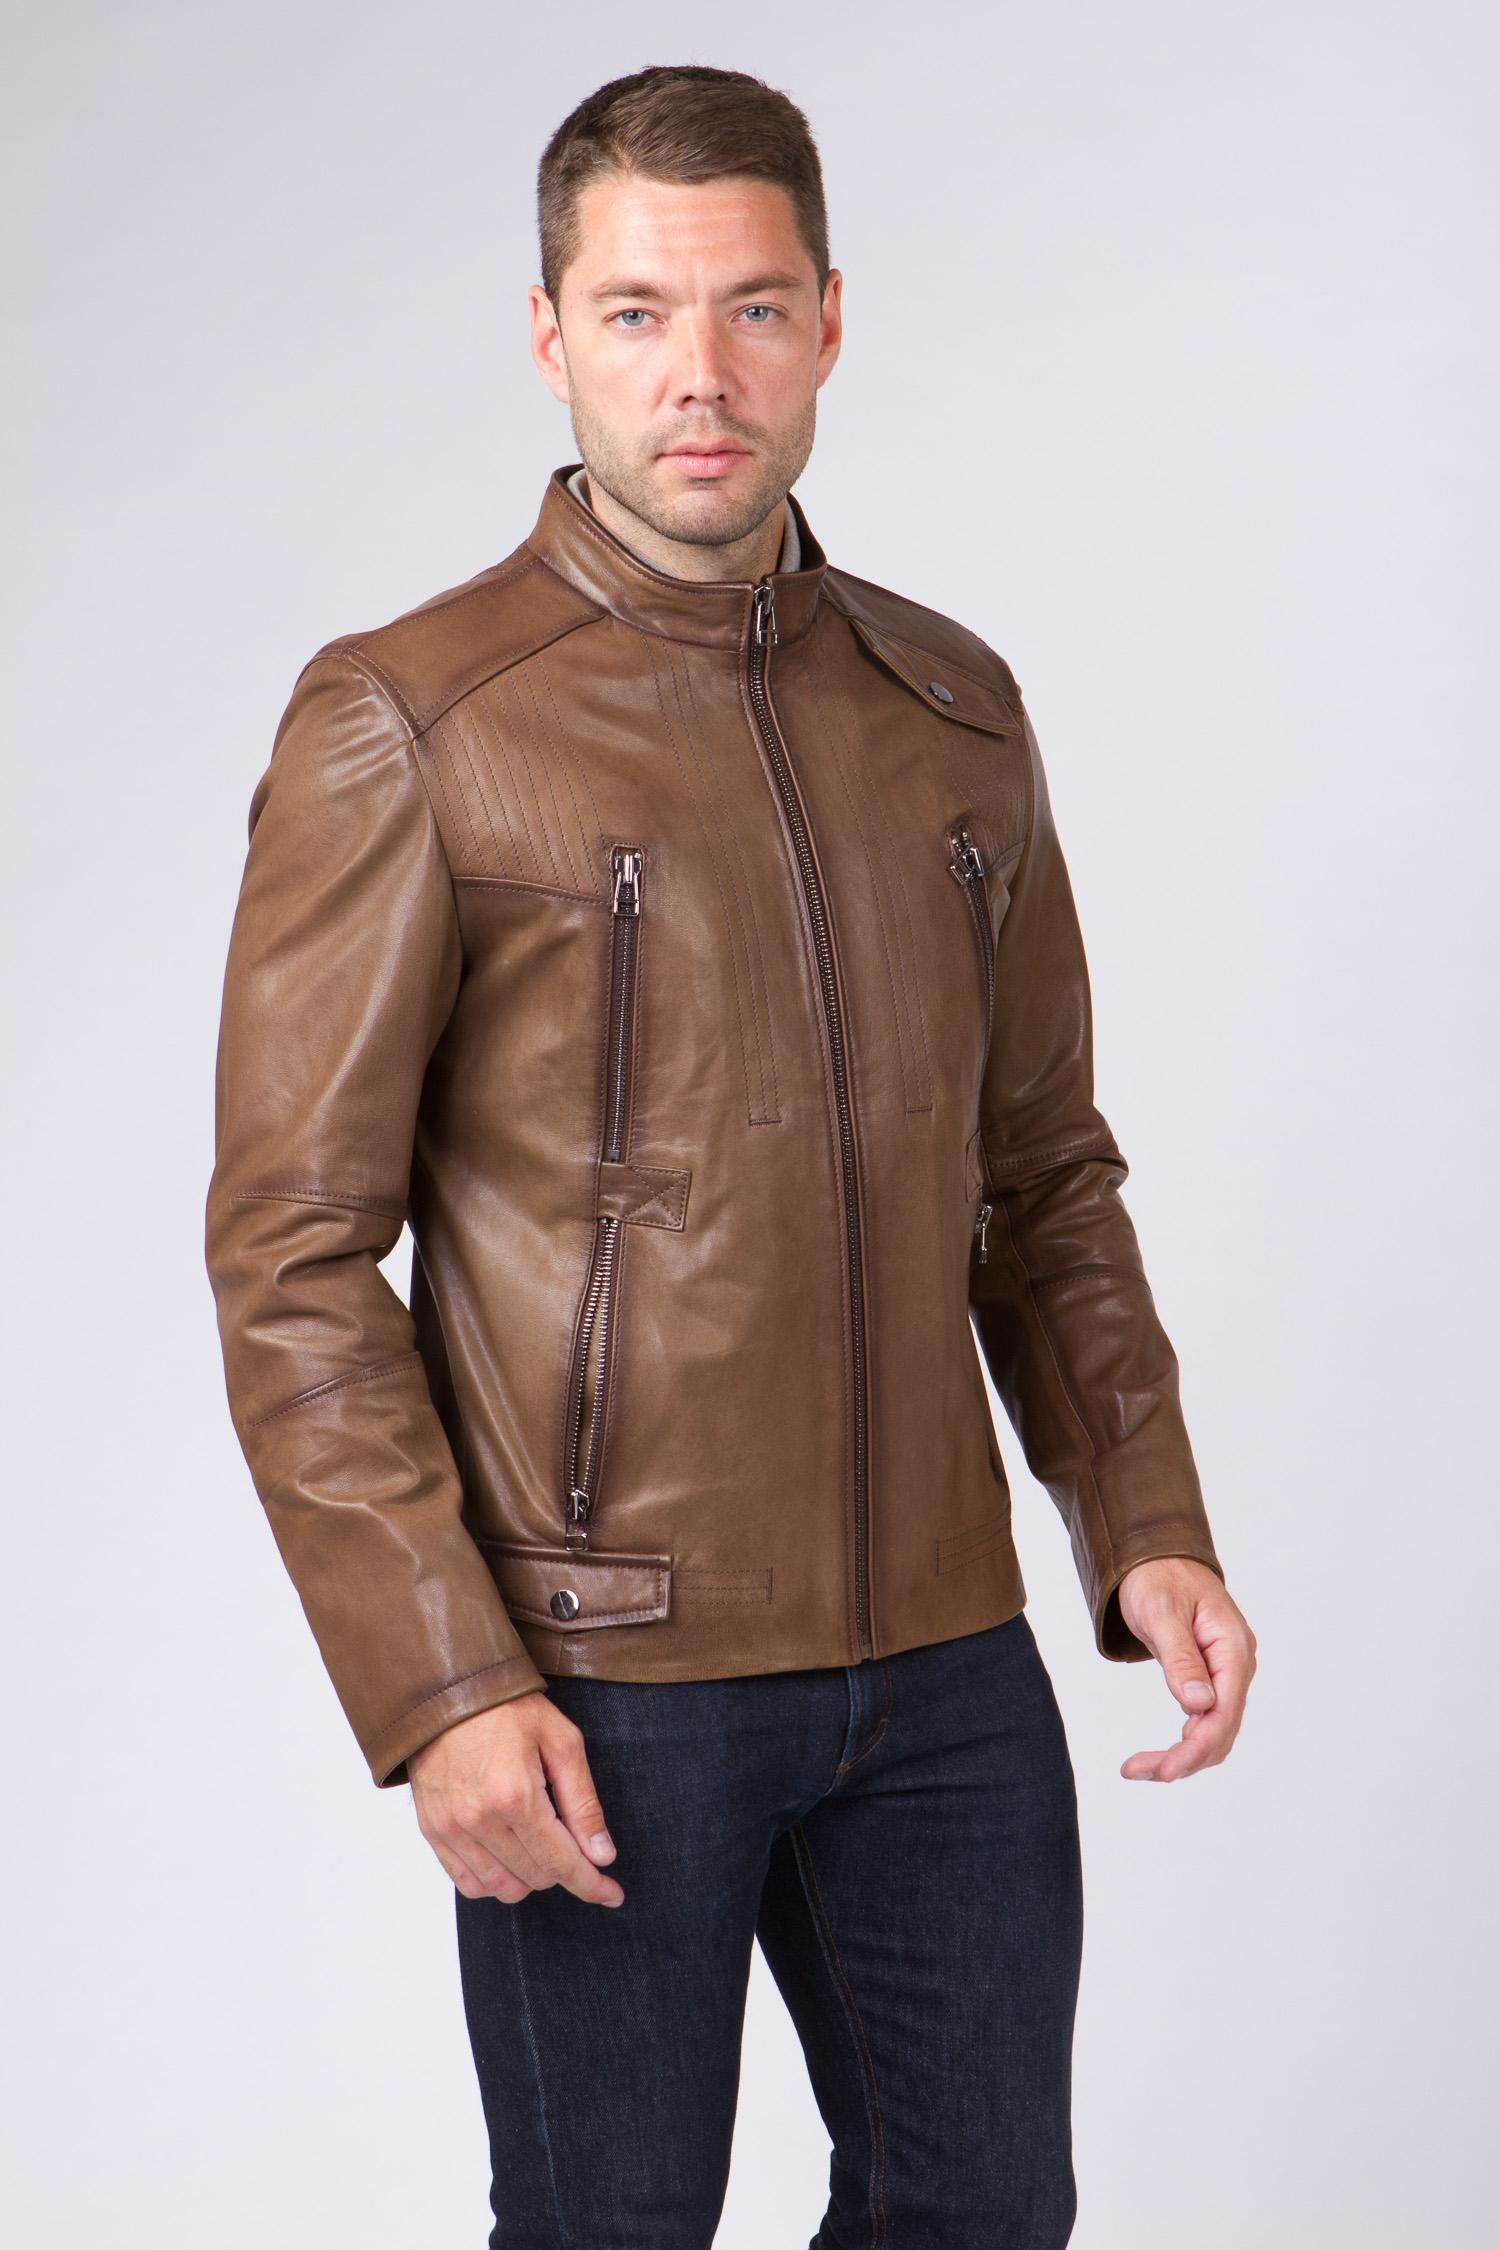 Мужская кожаная куртка из натуральной кожи с воротником, без отделки Мужская кожаная куртка из натуральной кожи с воротником, без отделки